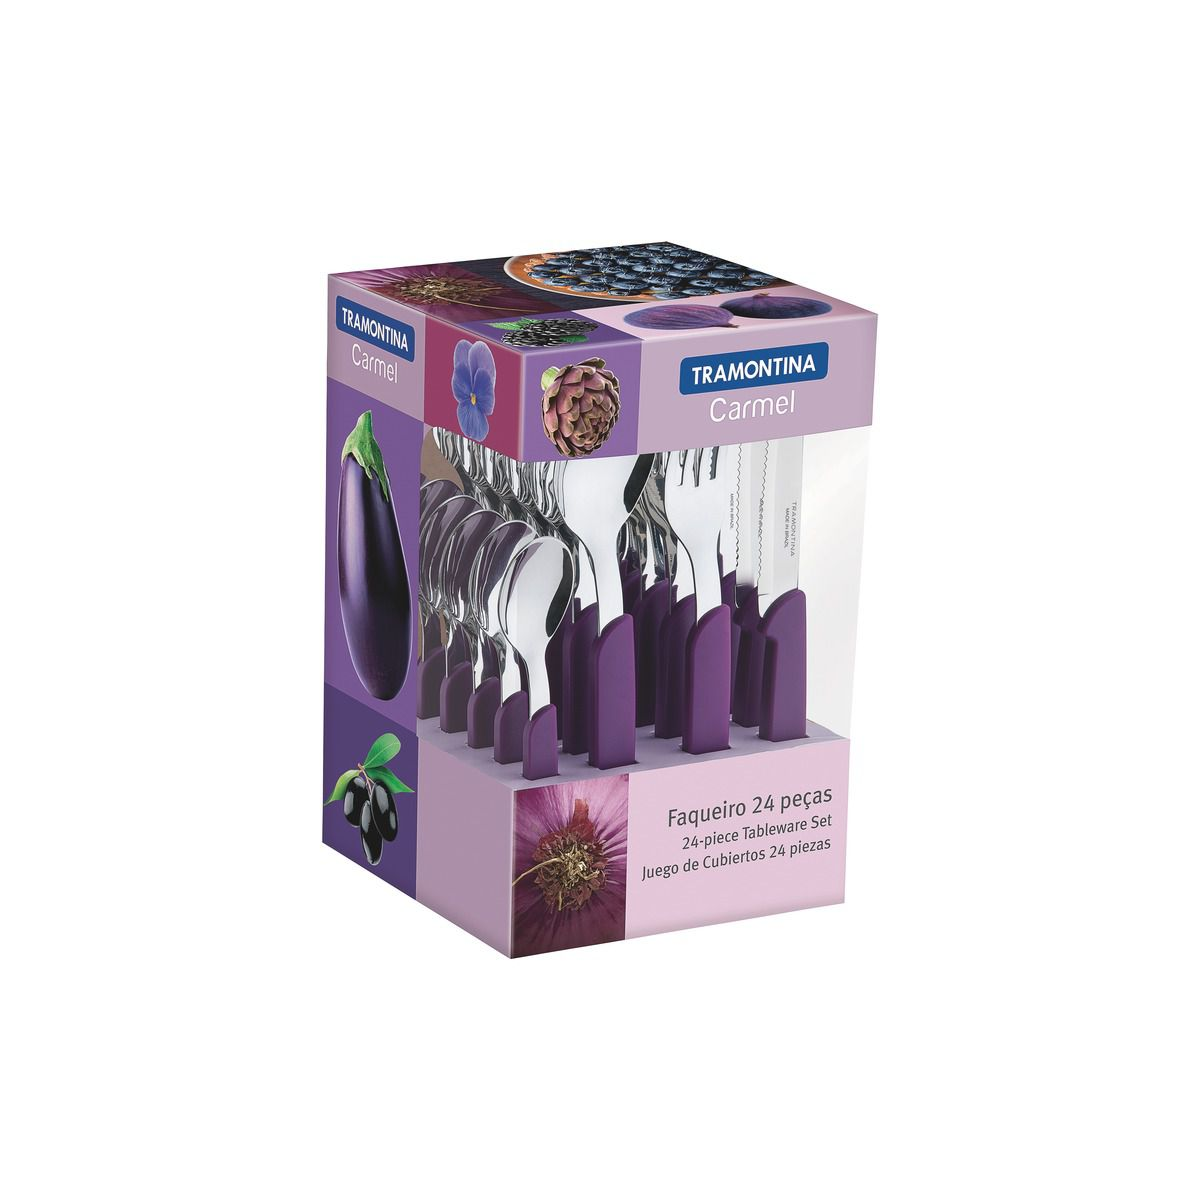 Faqueiro Tramontina Púrpura/Escuro em Aço Inox e Cabo Polipropileno com Facas para Churrasco 24 Peças 23499/030   Lojas Estrela